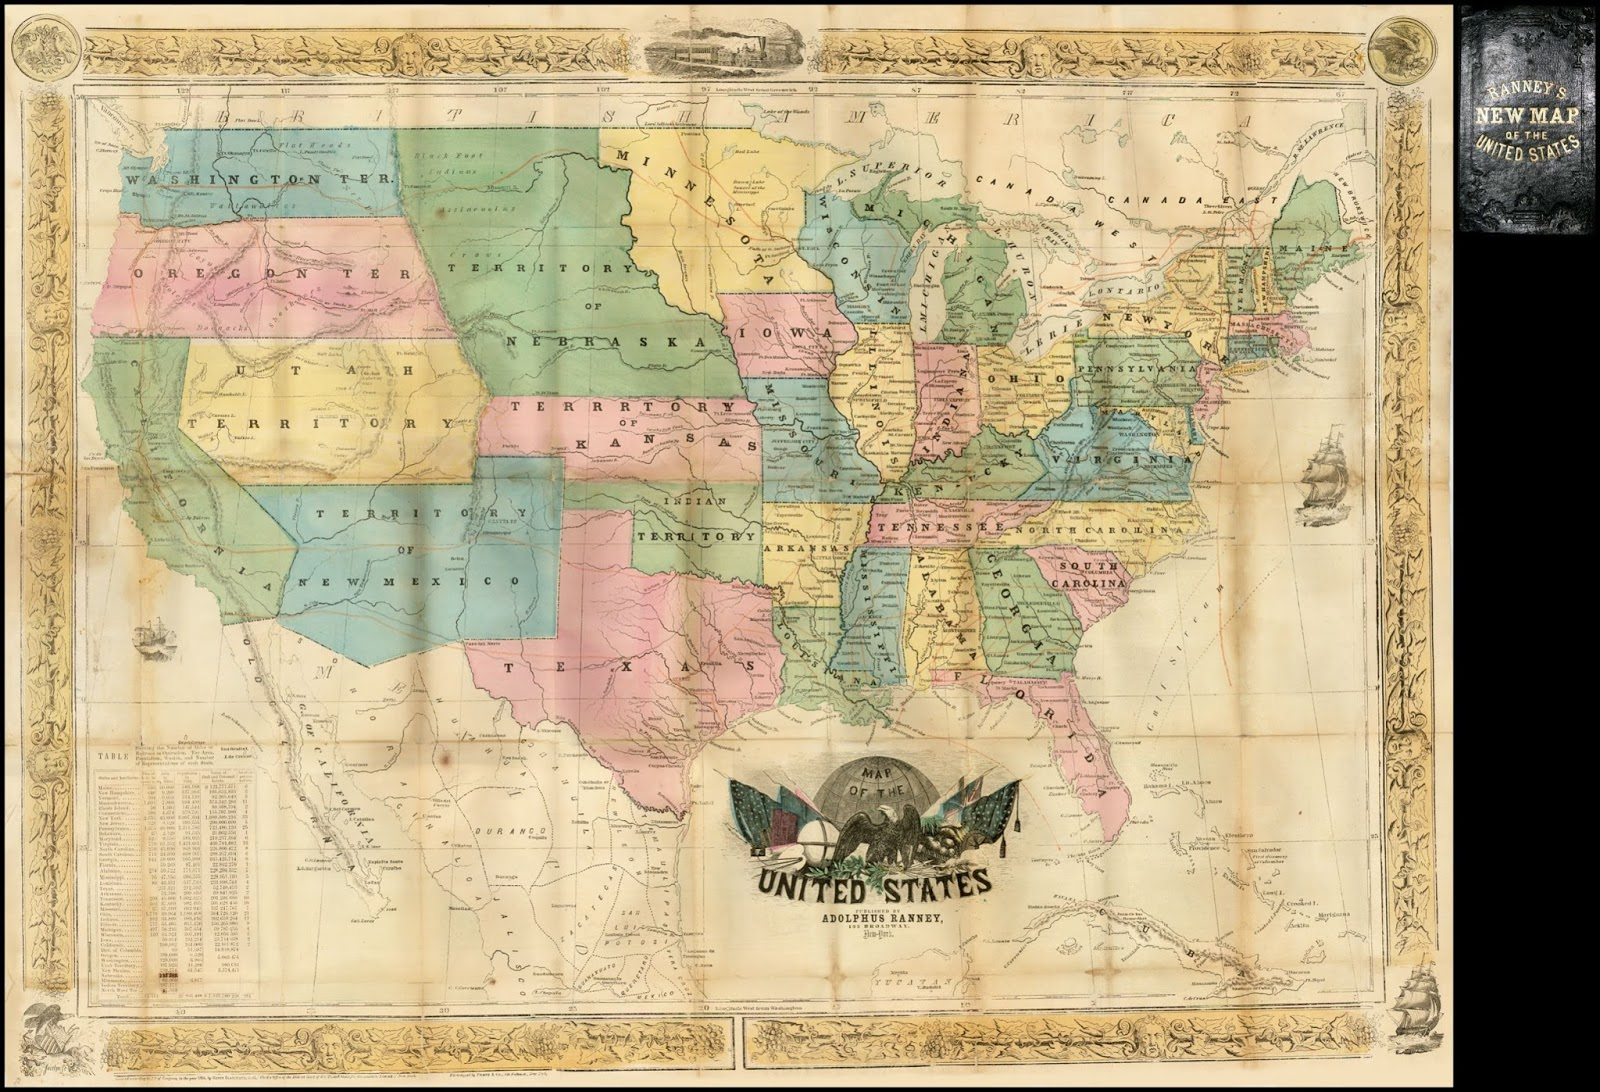 U.S. in 1854